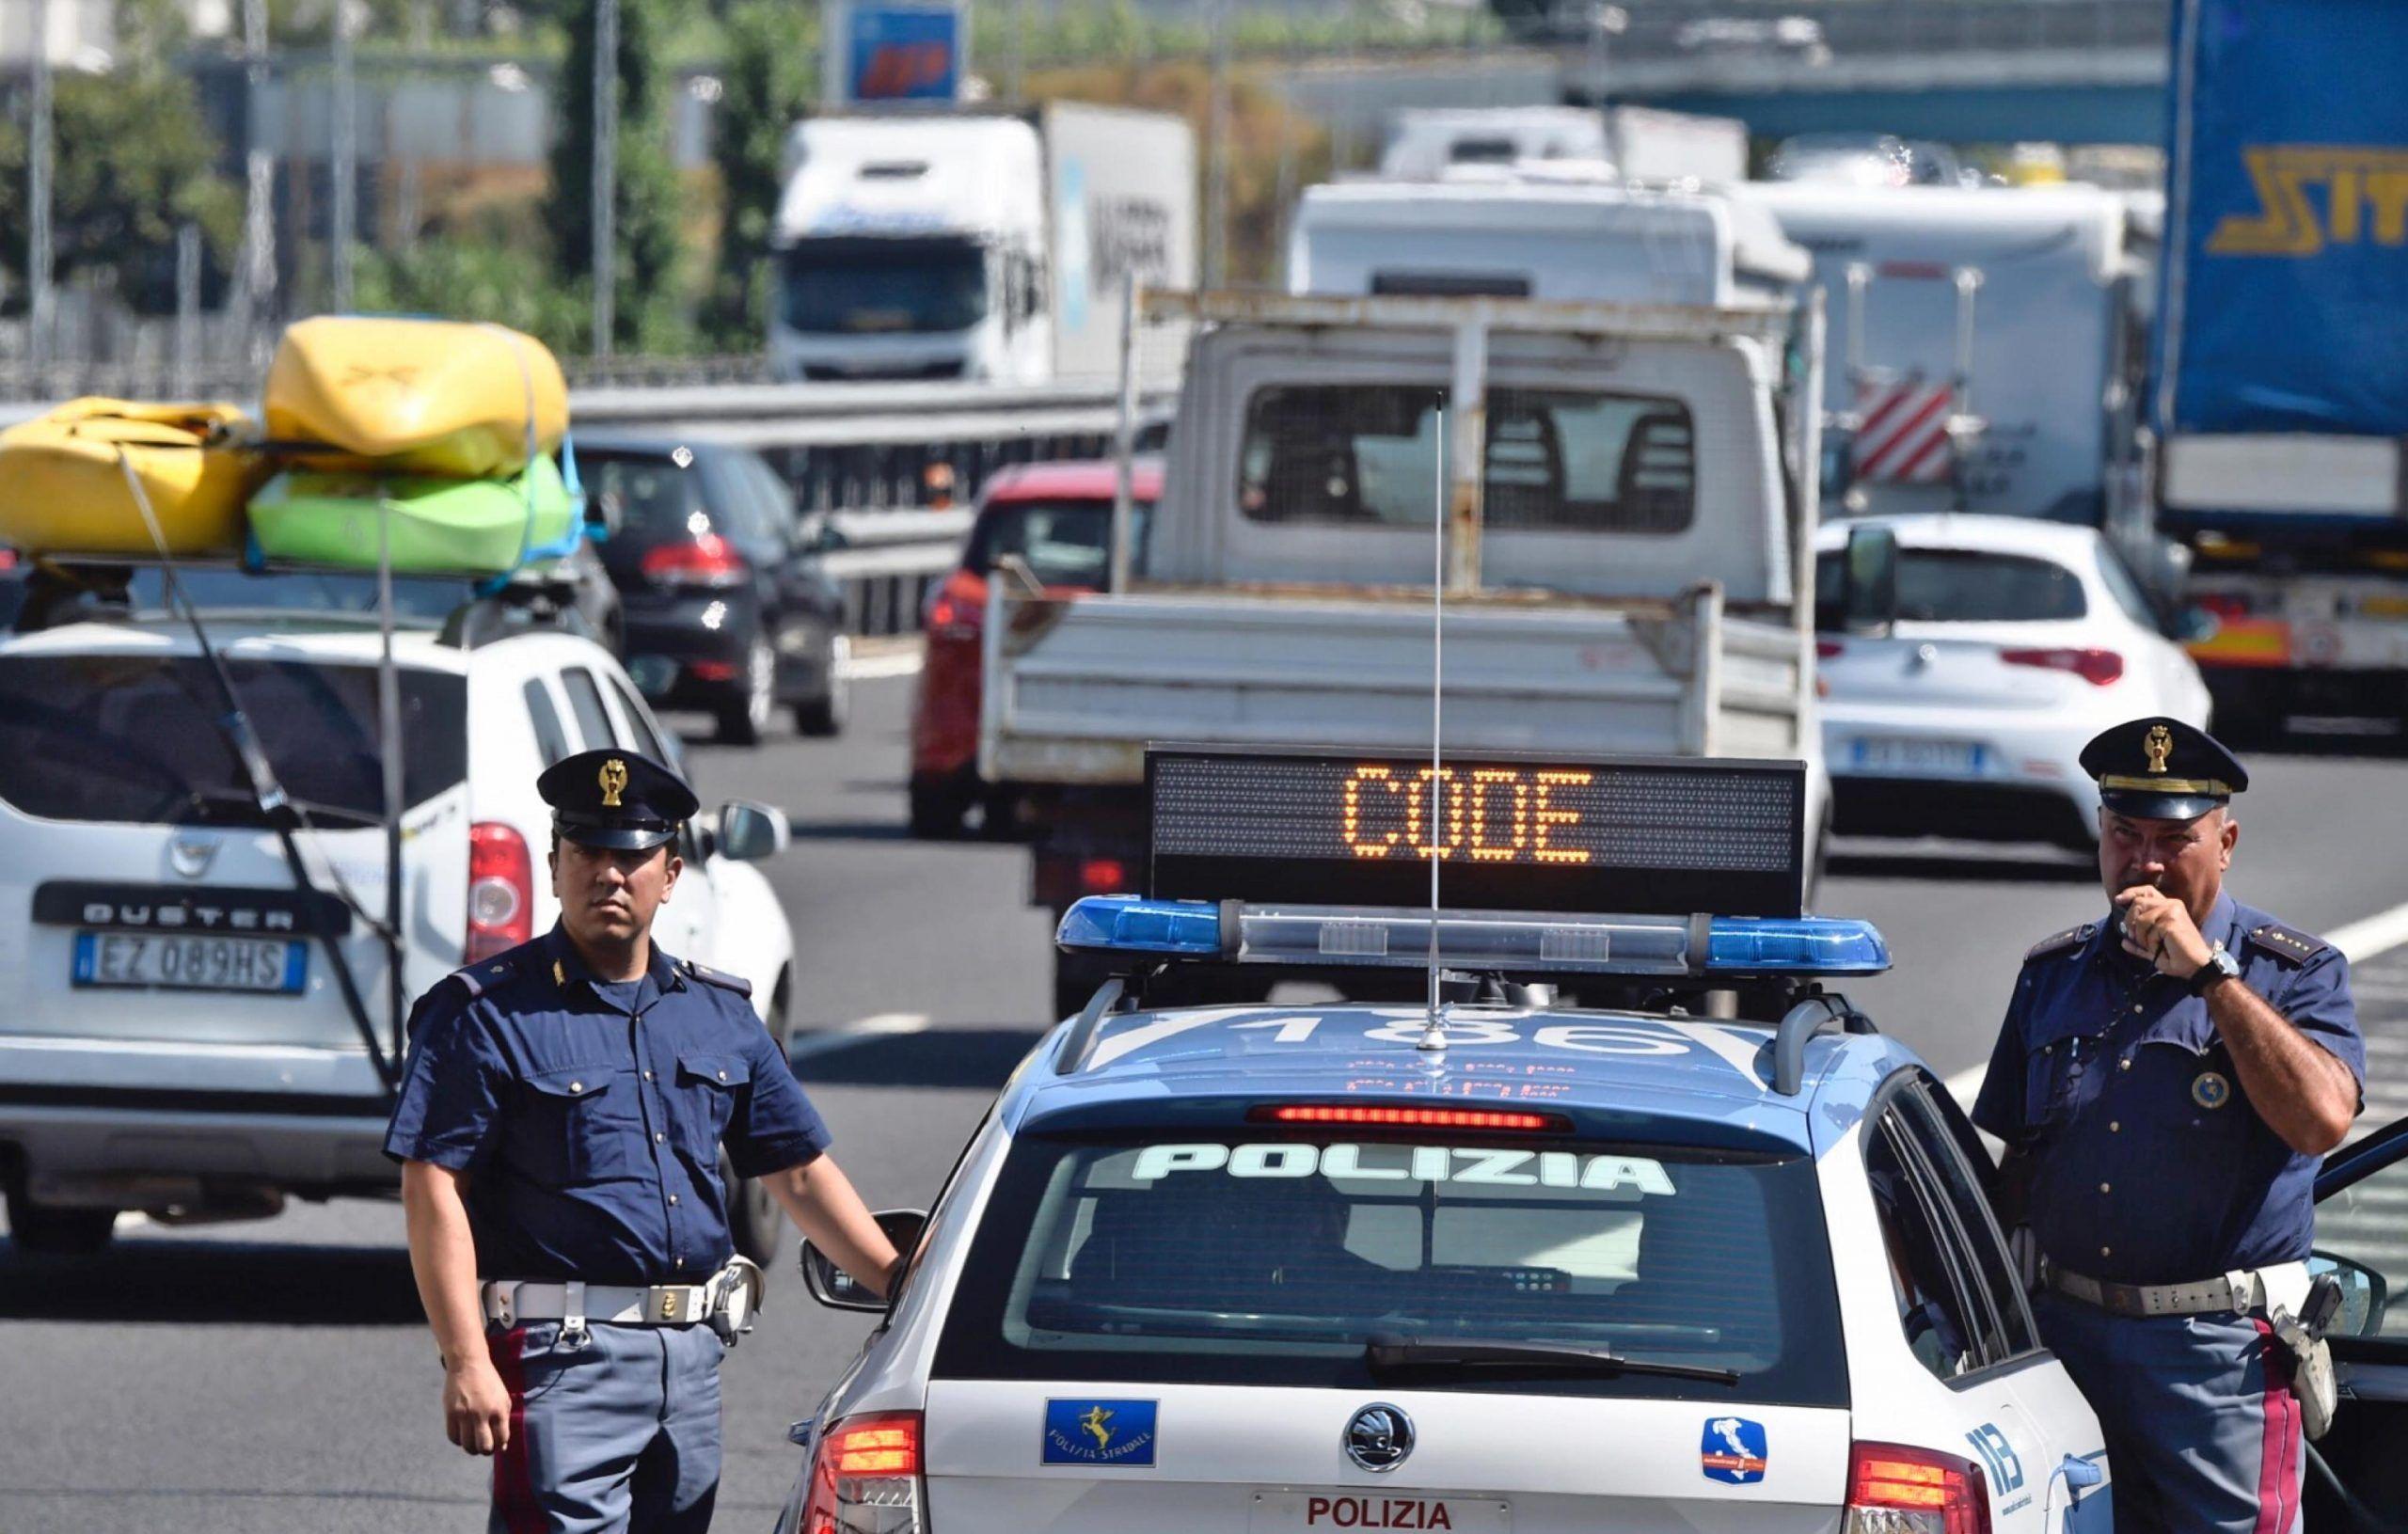 Esodo traffico situazione e previsioni